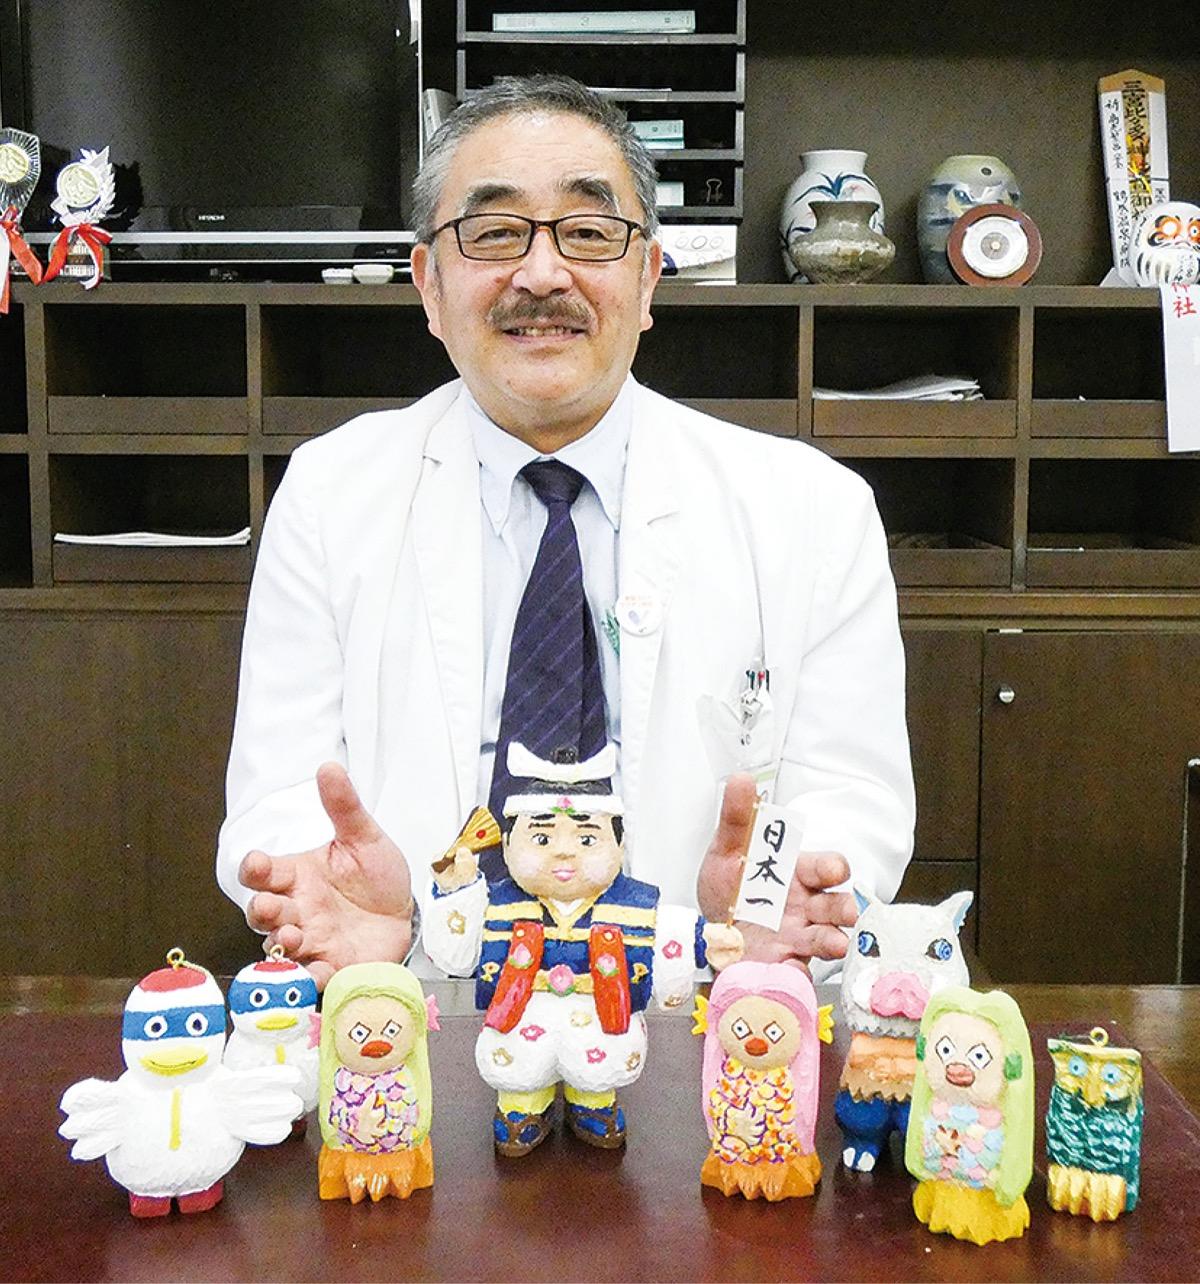 鶴巻温泉病院 木彫り人形で心和ませて 鈴木院長手作り作品がお出迎え タウンニュースWebサイト